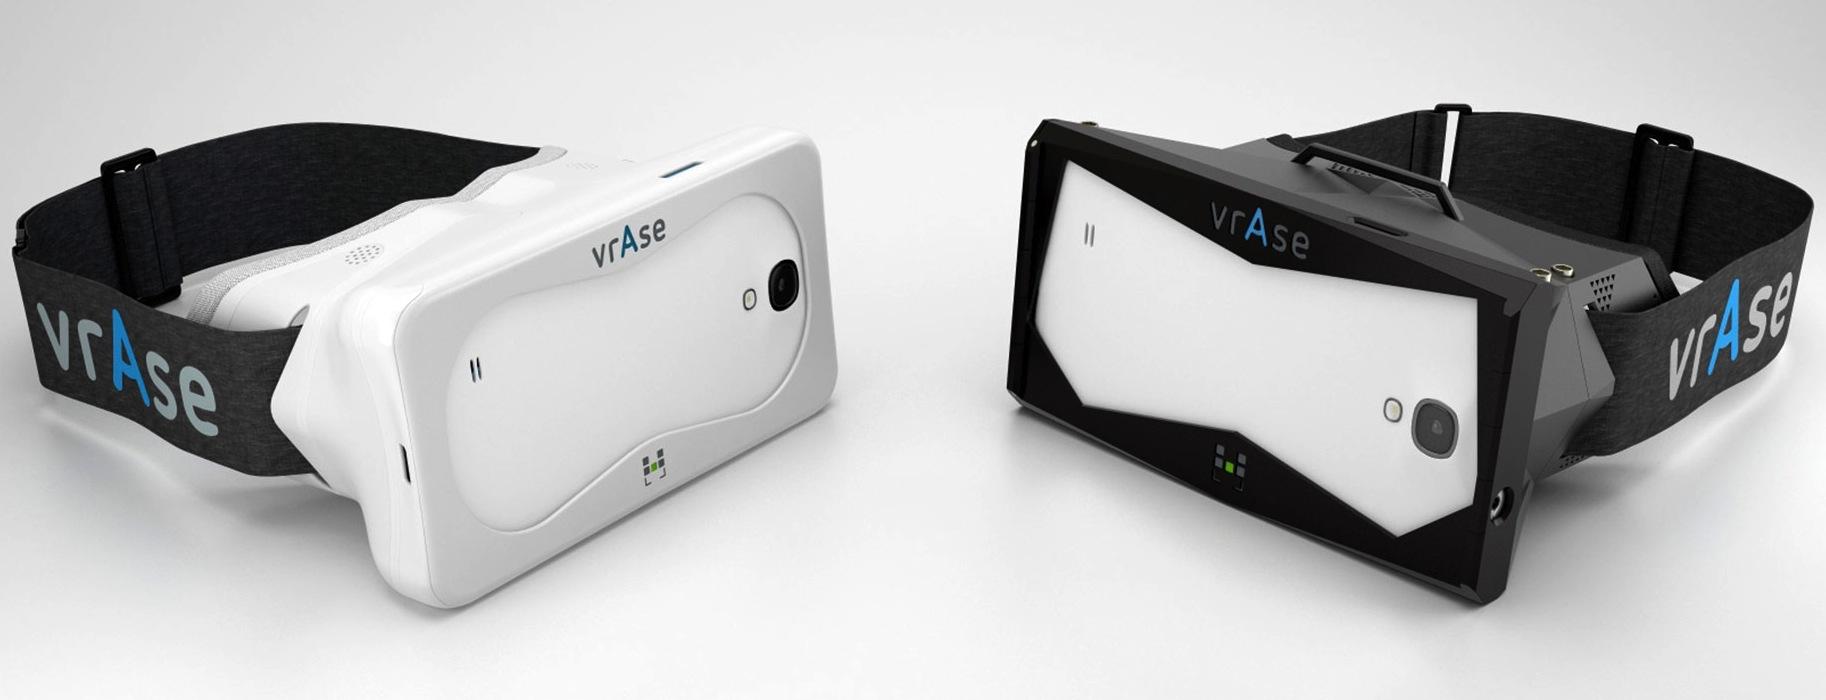 Очки vrAse - виртуальная реальность в Galaxy S4